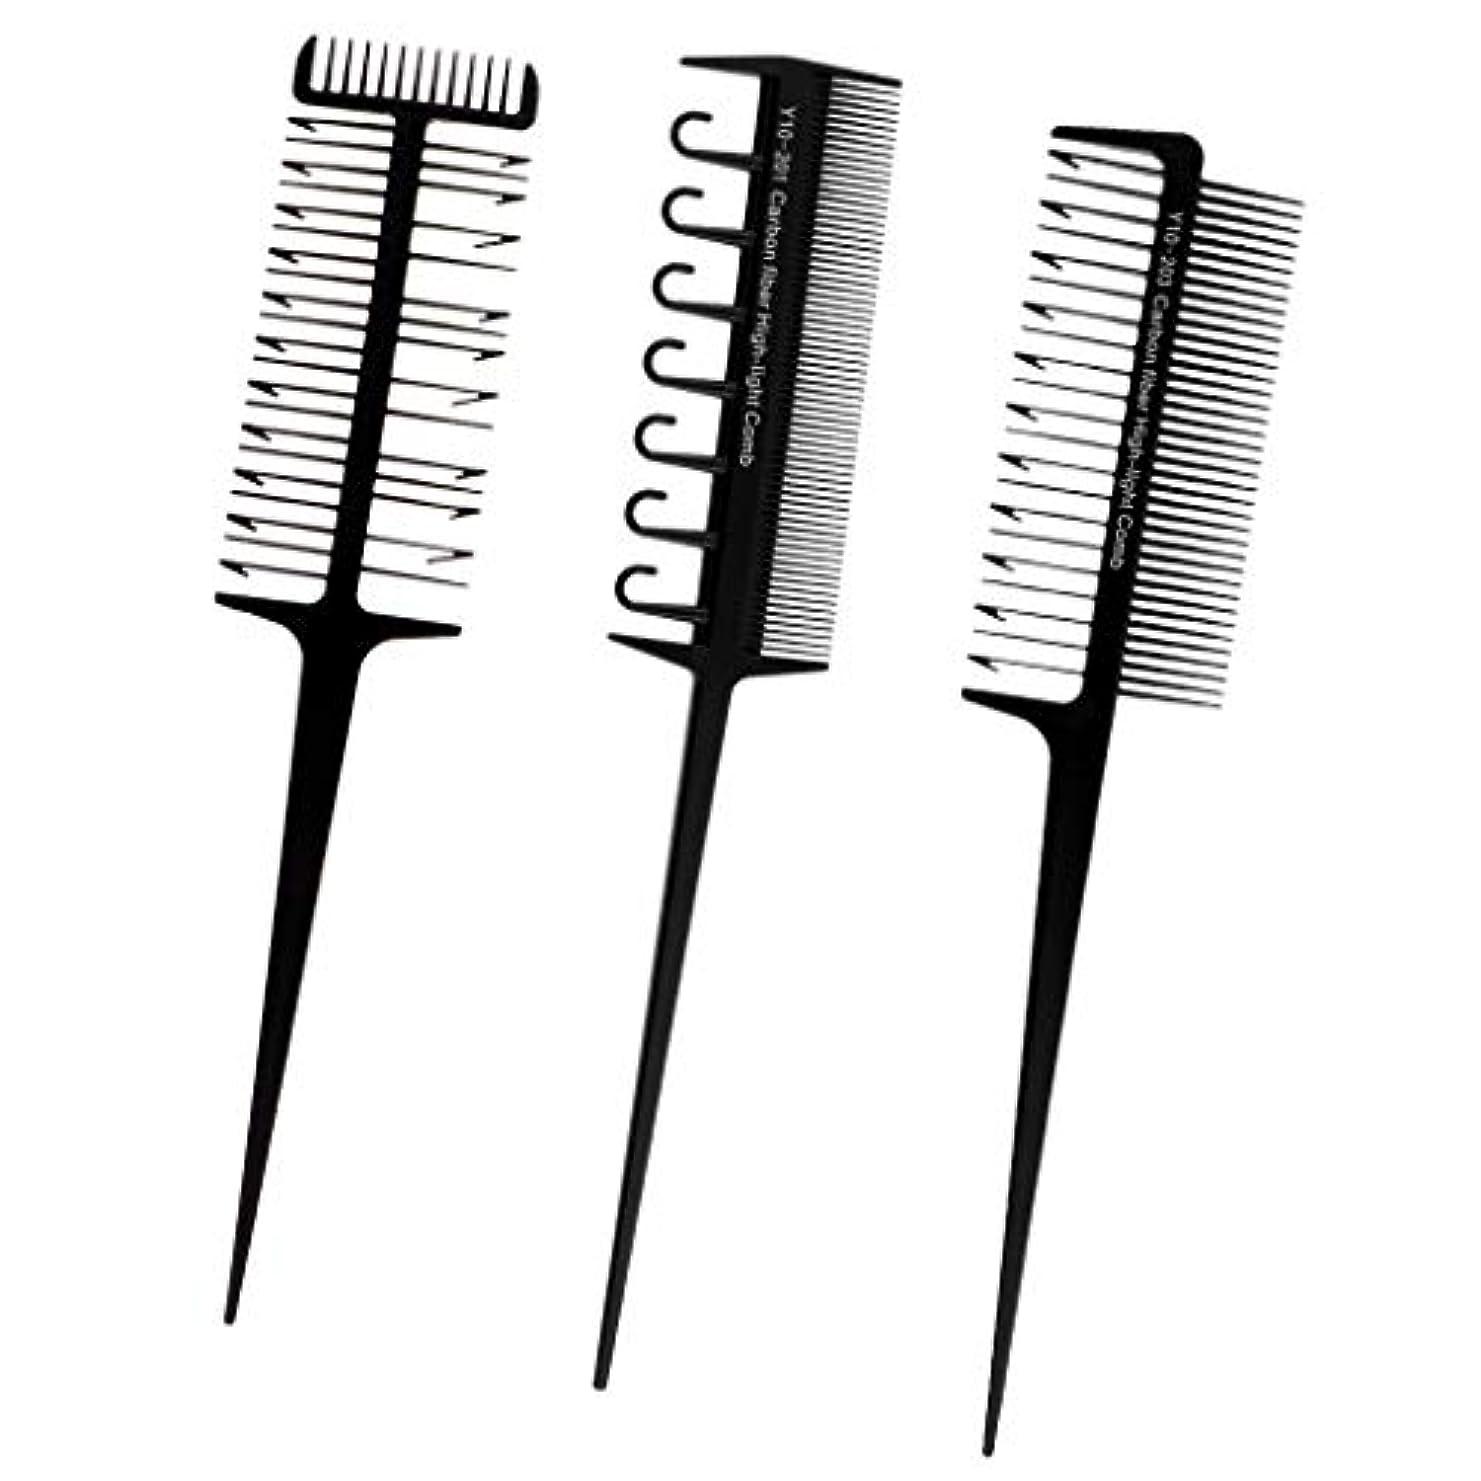 瞑想留め金れるSM SunniMix ヘアダイブラシ プロ用 へアカラーセット 3本セット DIY髪染め用 サロン 美髪師用 ヘアカラーの用具